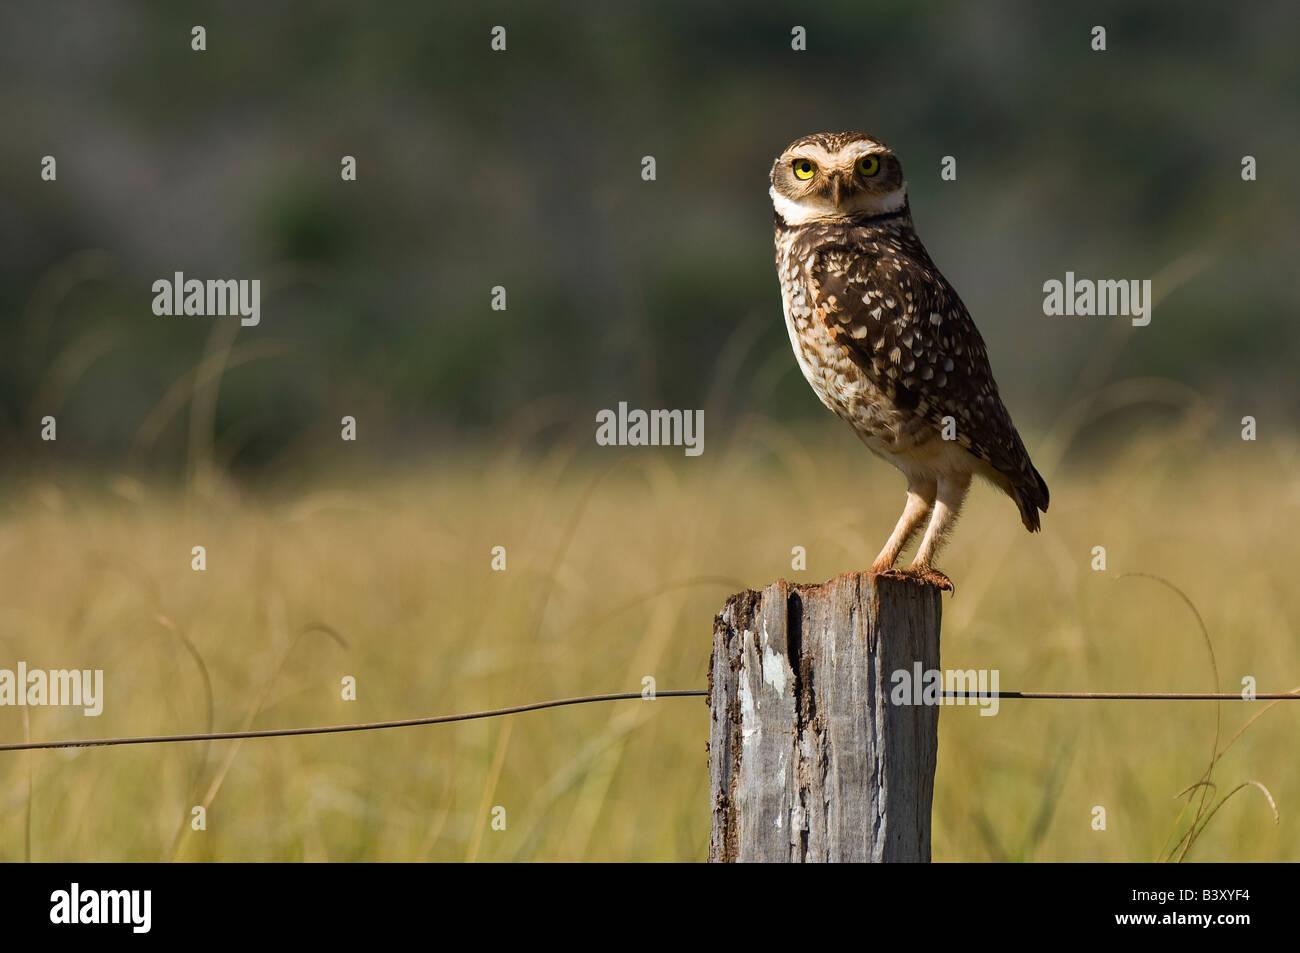 Scavando Owl Athene cunicularia fotografato nel Mato Grosso do Sul in Brasile Immagini Stock